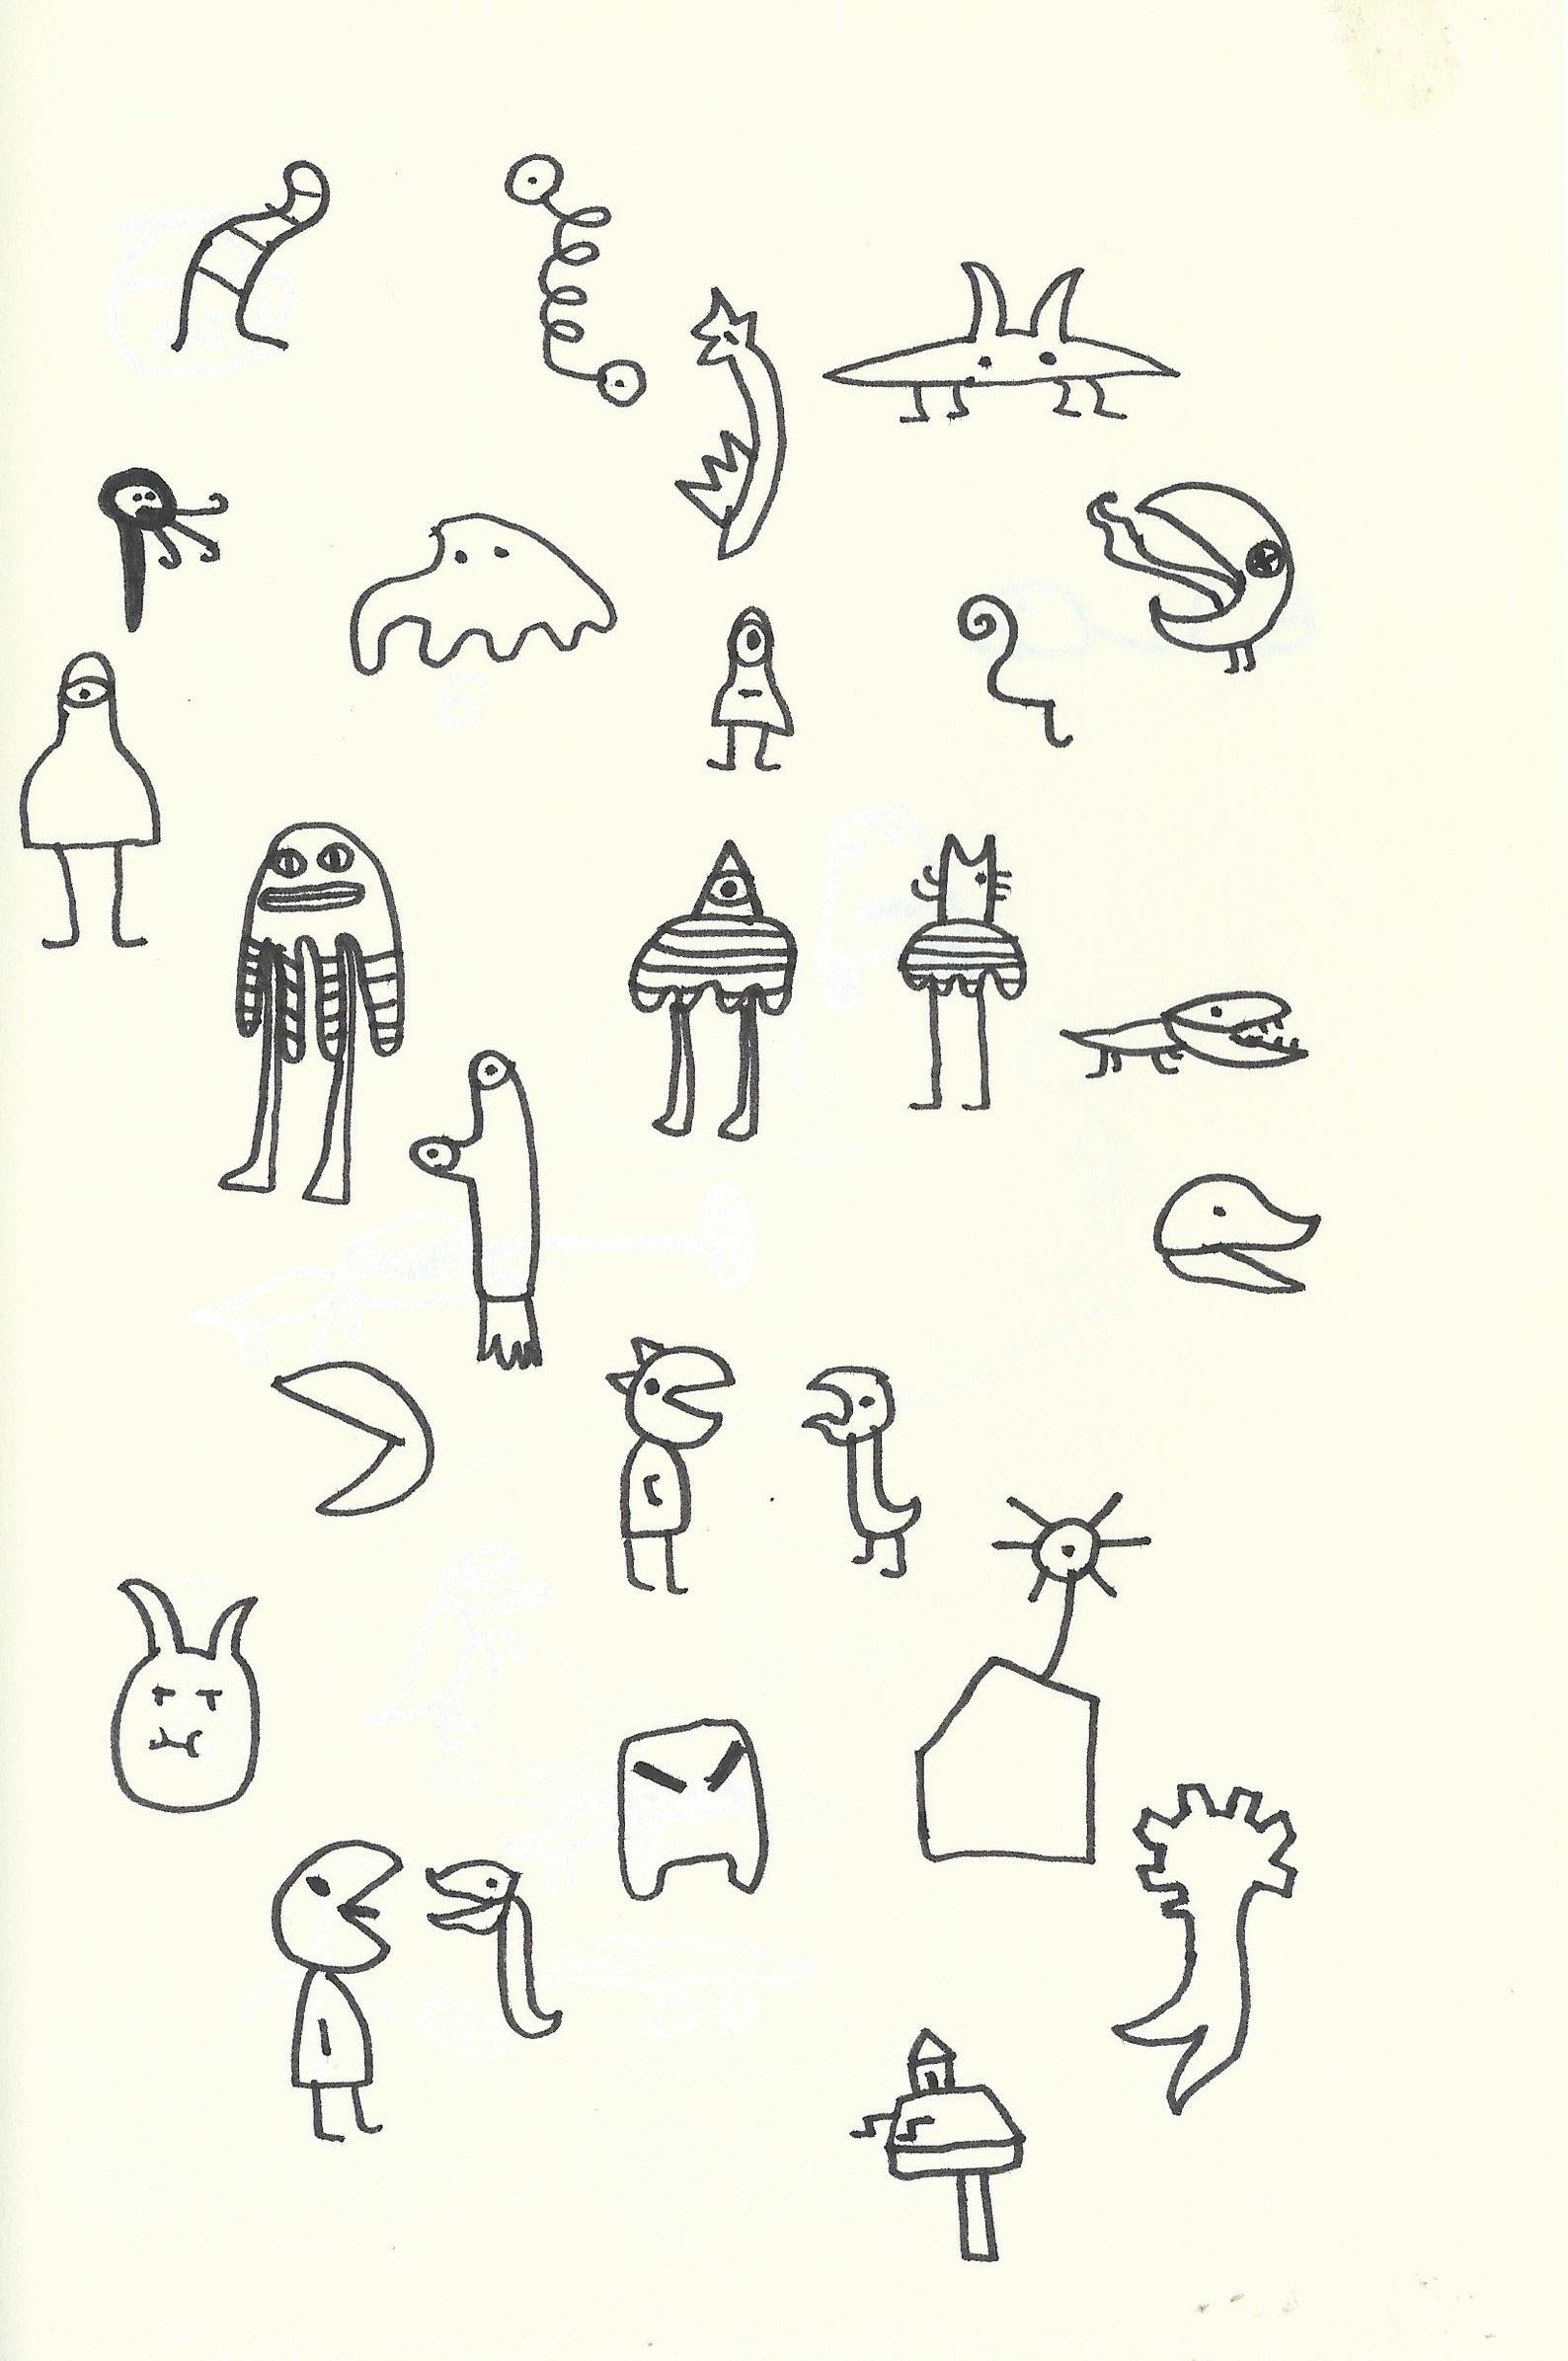 Character-design-2.JPG